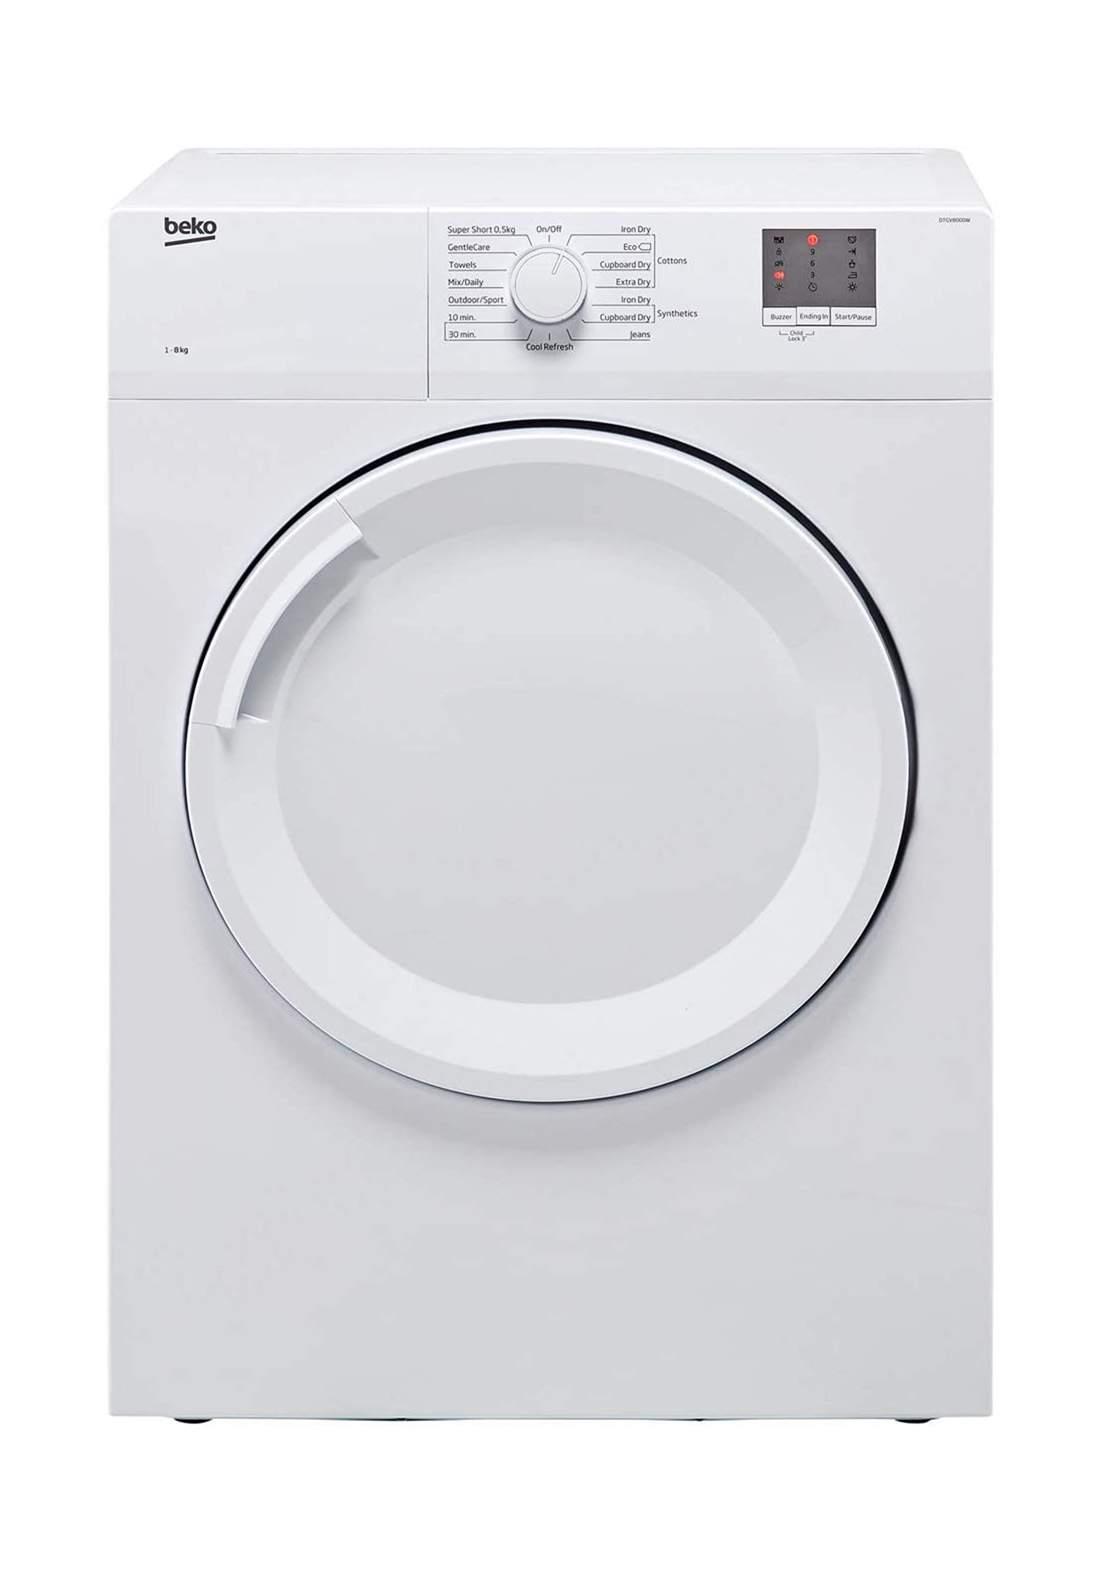 Beko DTGV8000W 8kg Vented Tumble Dryer - White مجفف الملابس